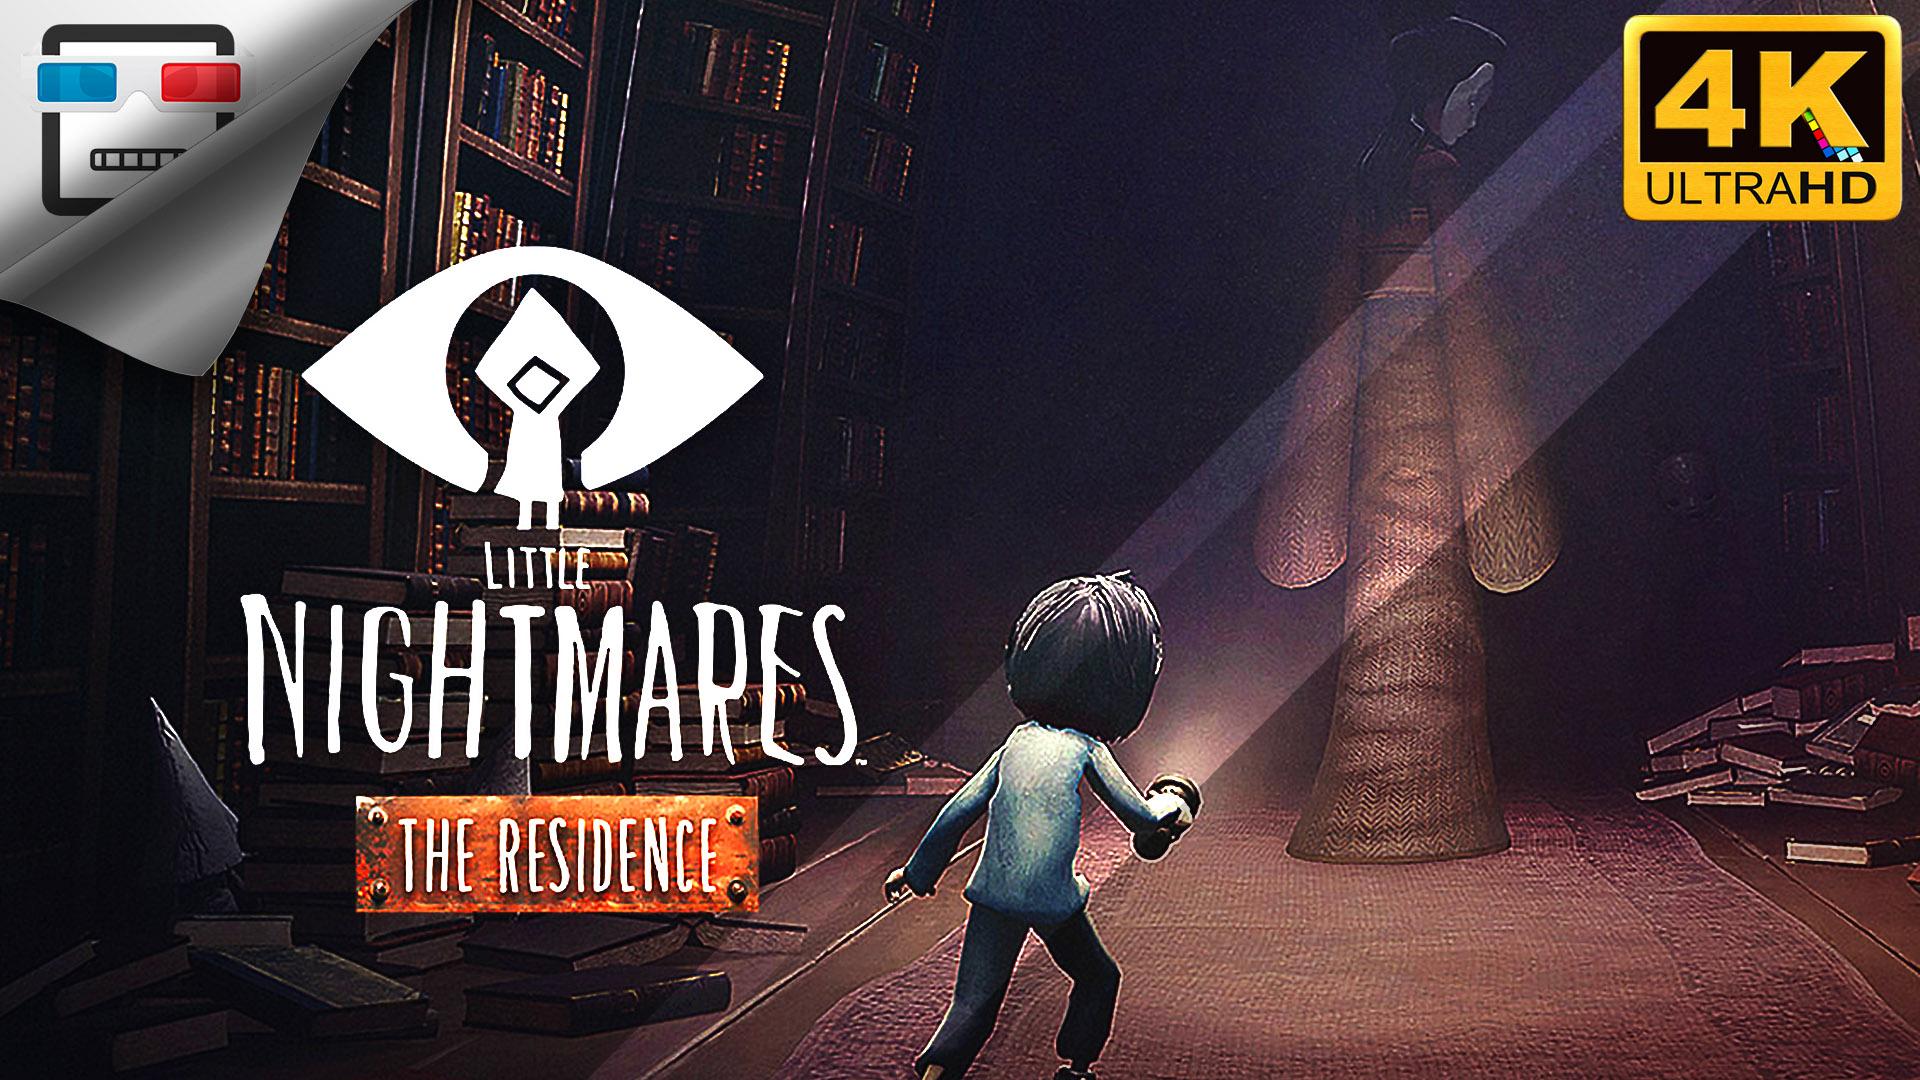 Резиденция ИГРОФИЛЬМ 4K60FPS Little Nightmares The Residence DLC Сюжет ужасы